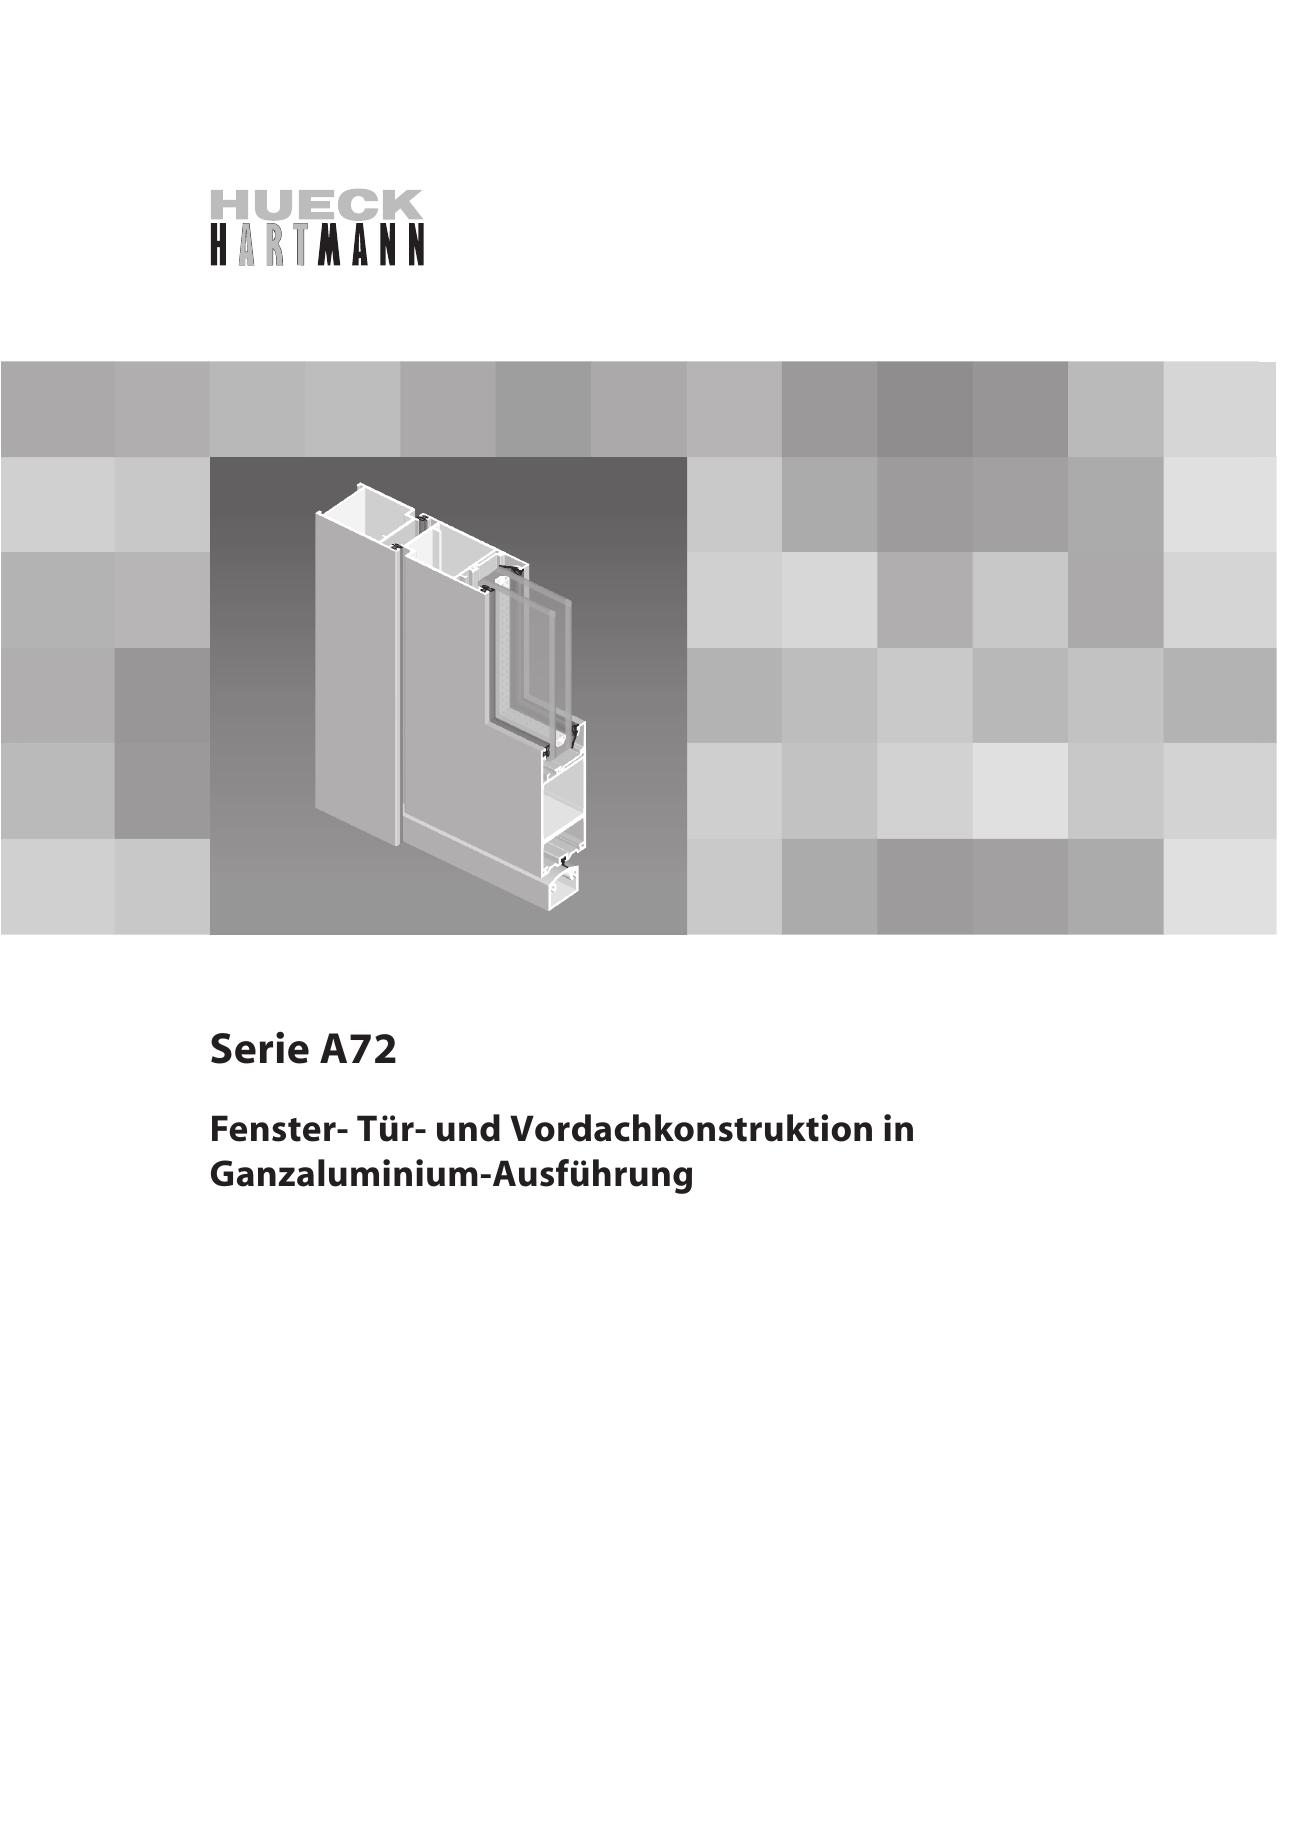 Roto Schließstück Nr K 647 A 78 008